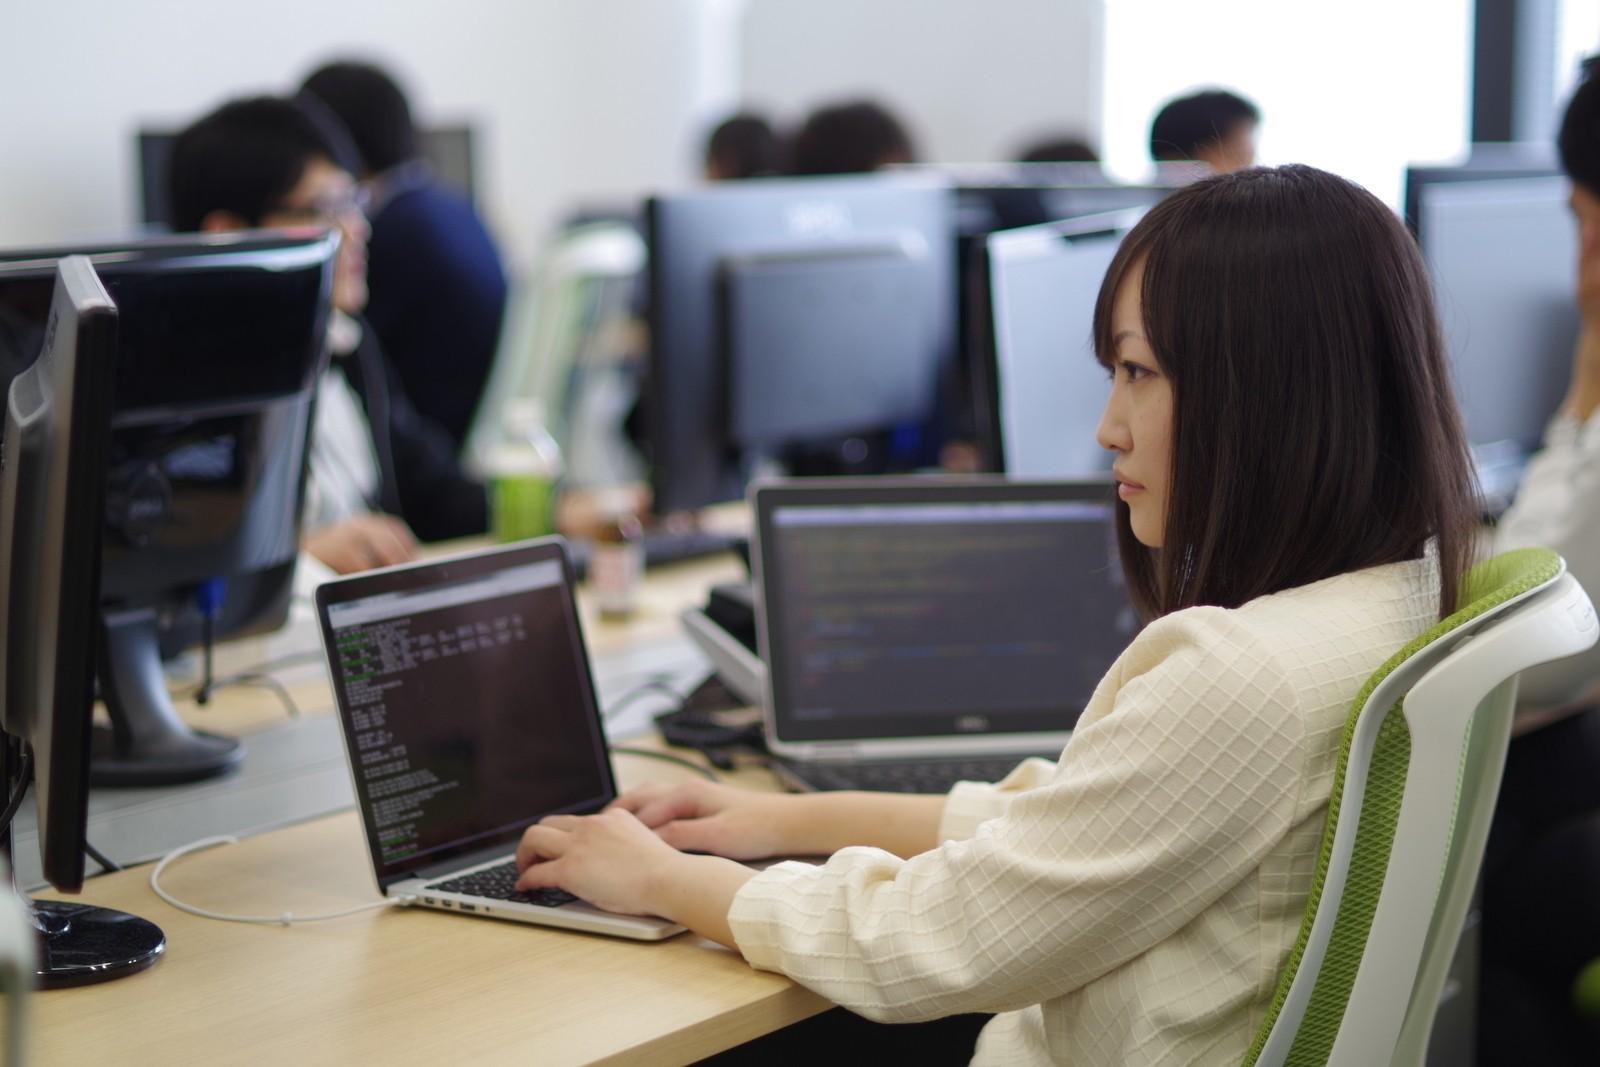 株式会社オールアバウト・「All About」を開発する PHPエンジニアを募集!